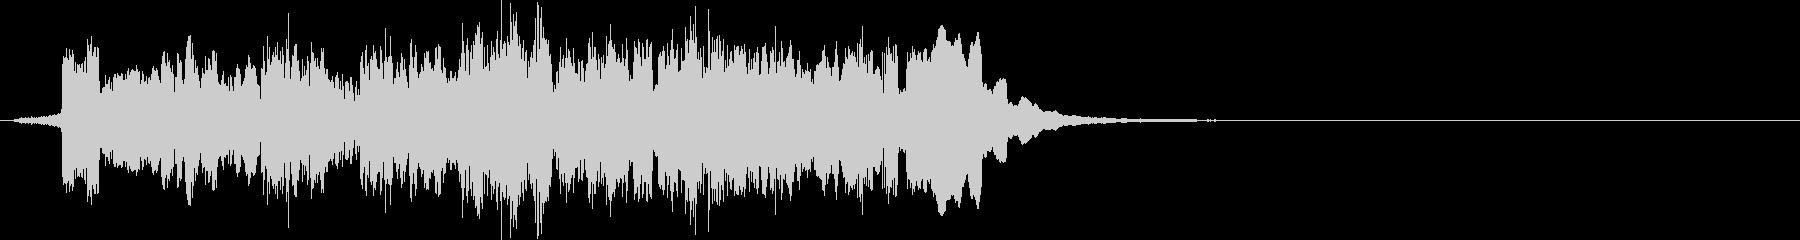 メロディアスなピコピコ電子音の未再生の波形